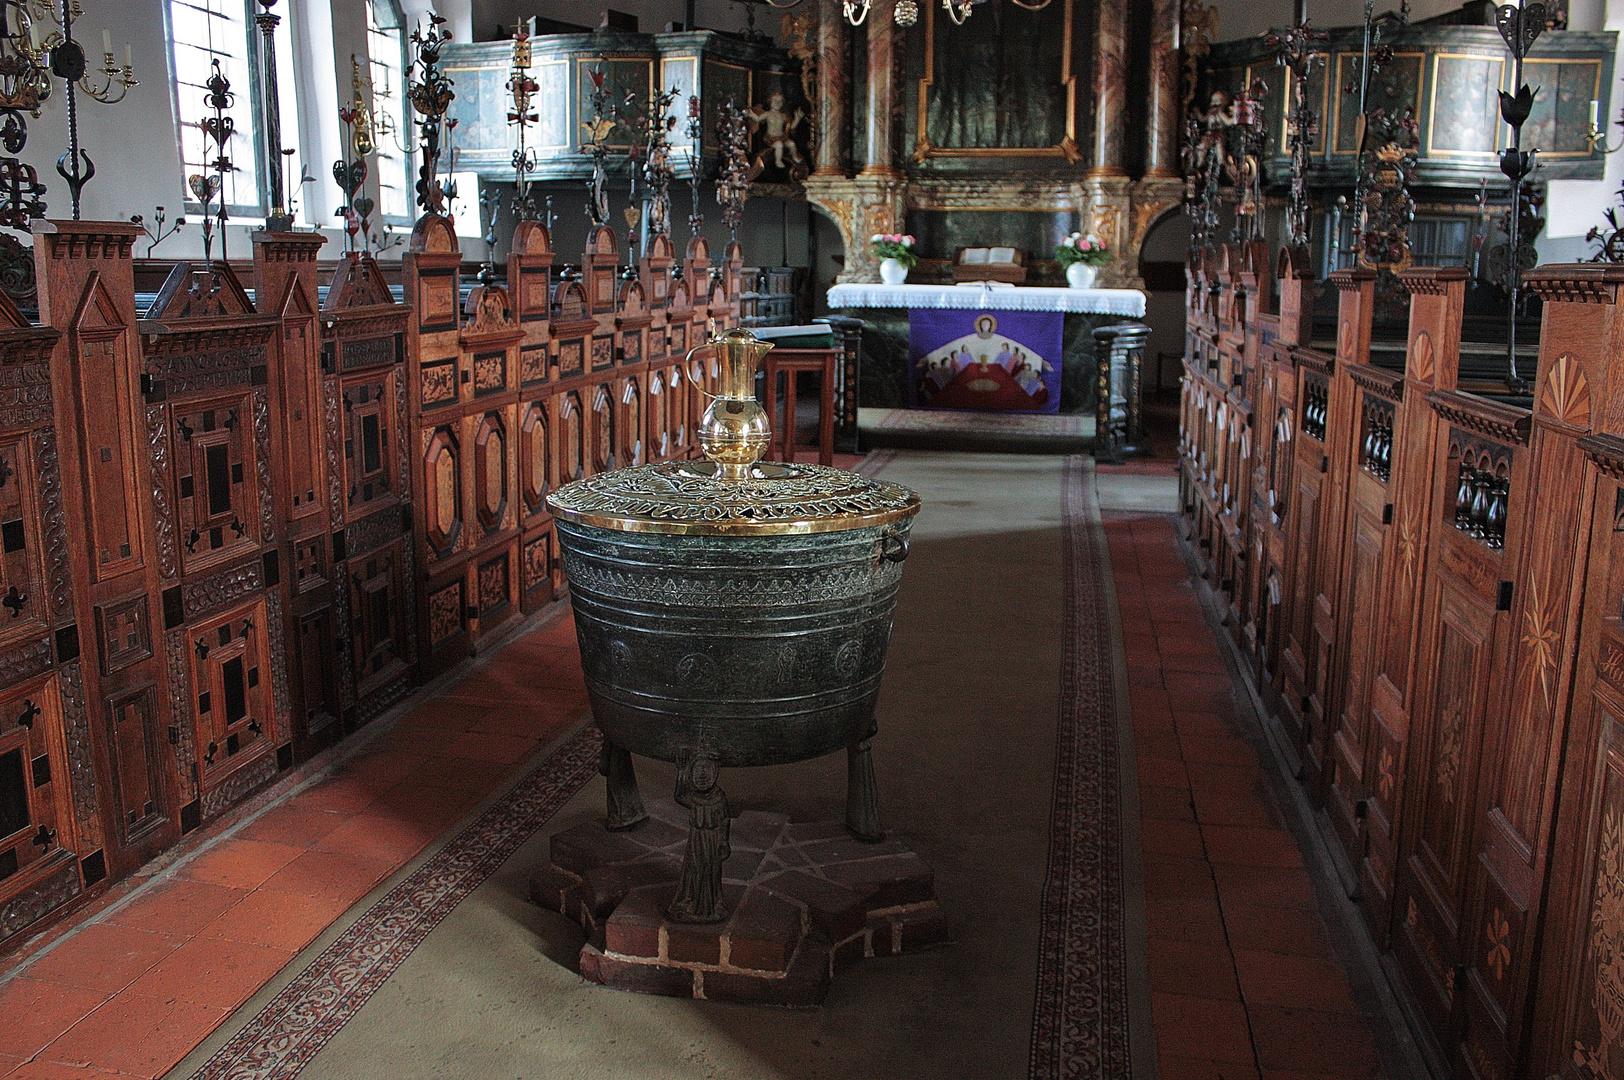 Taufkessel von 1380 und die berühmten Hutständer Altengamme -->